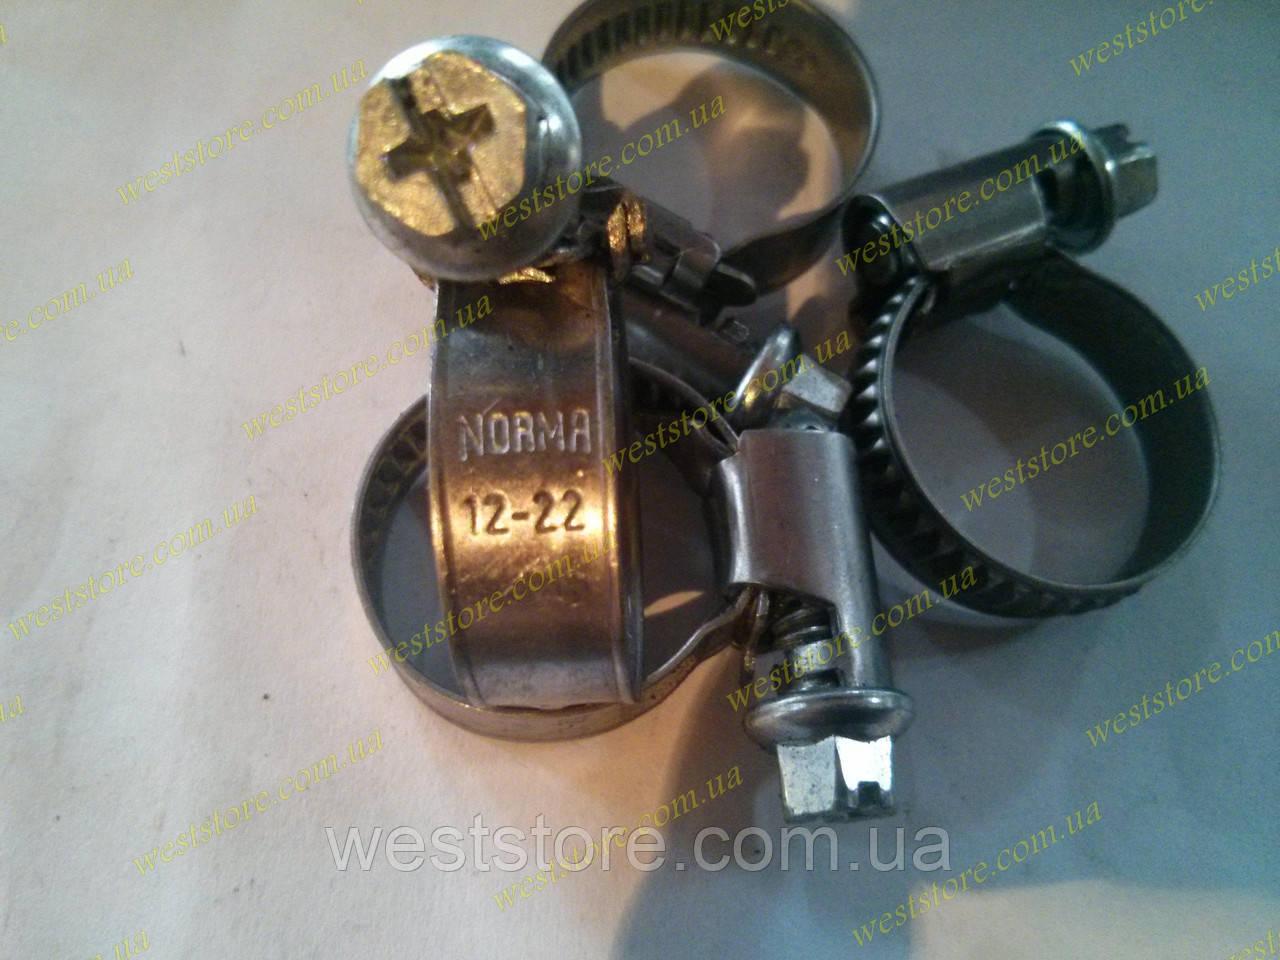 Хомут червячный Norma W2 12-22 мм (нержавеющий)